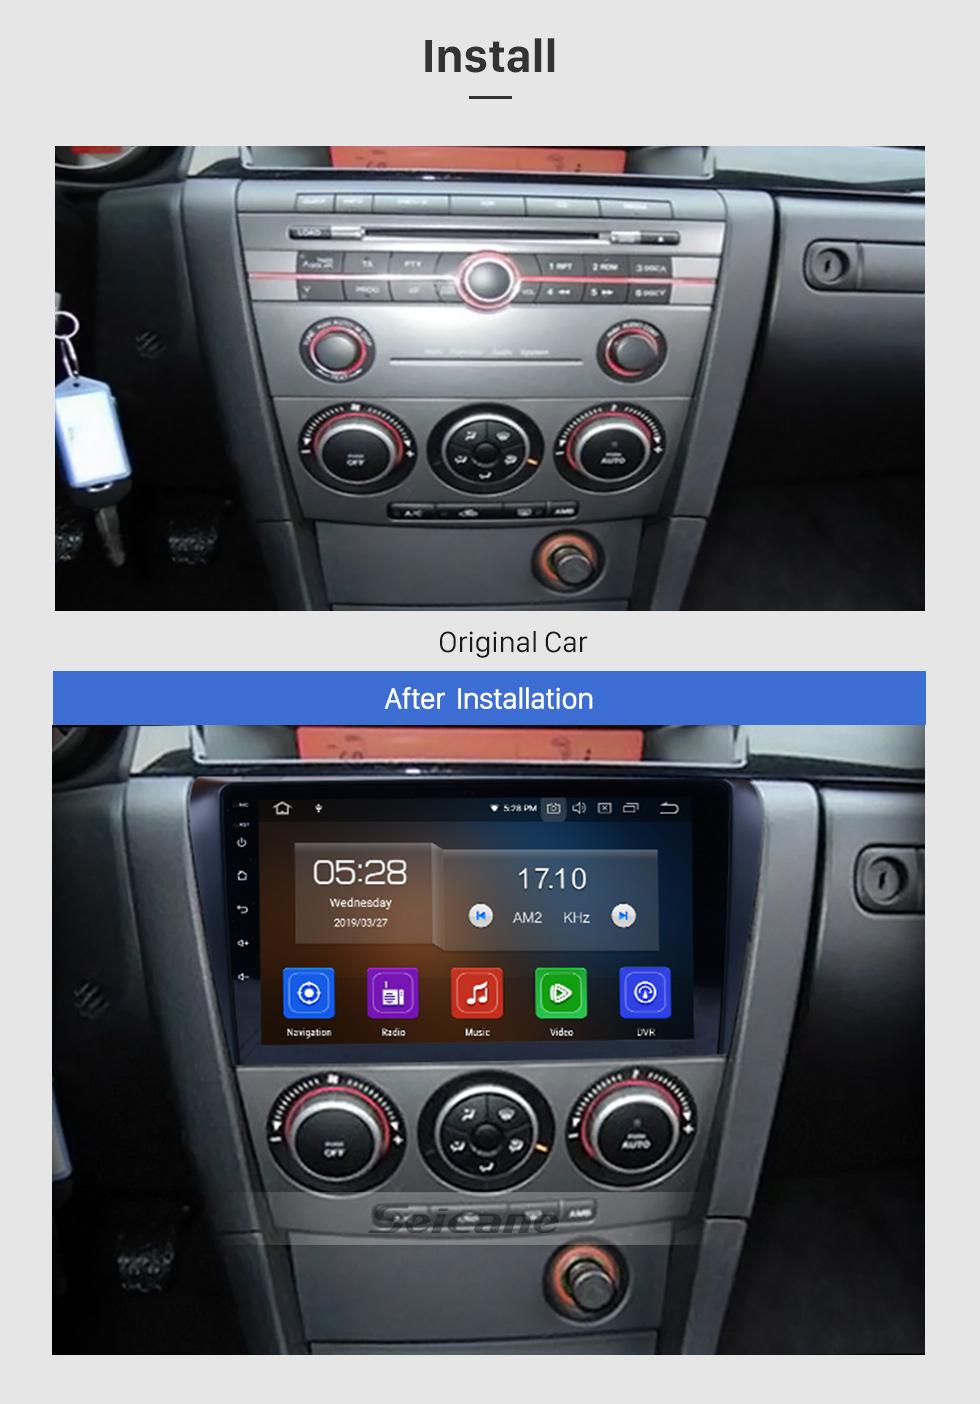 Seicane Todo en uno Android 9.0 2004-2009 Actualización de radio Mazda 3 con sistema de navegación GPS integrado en el tablero 1024 * 600 Pantalla capacitiva multitáctil Bluetooth Música Espejo Enlace OBD2 3G WiFi HD 1080P DVR Cámara de respaldo USB